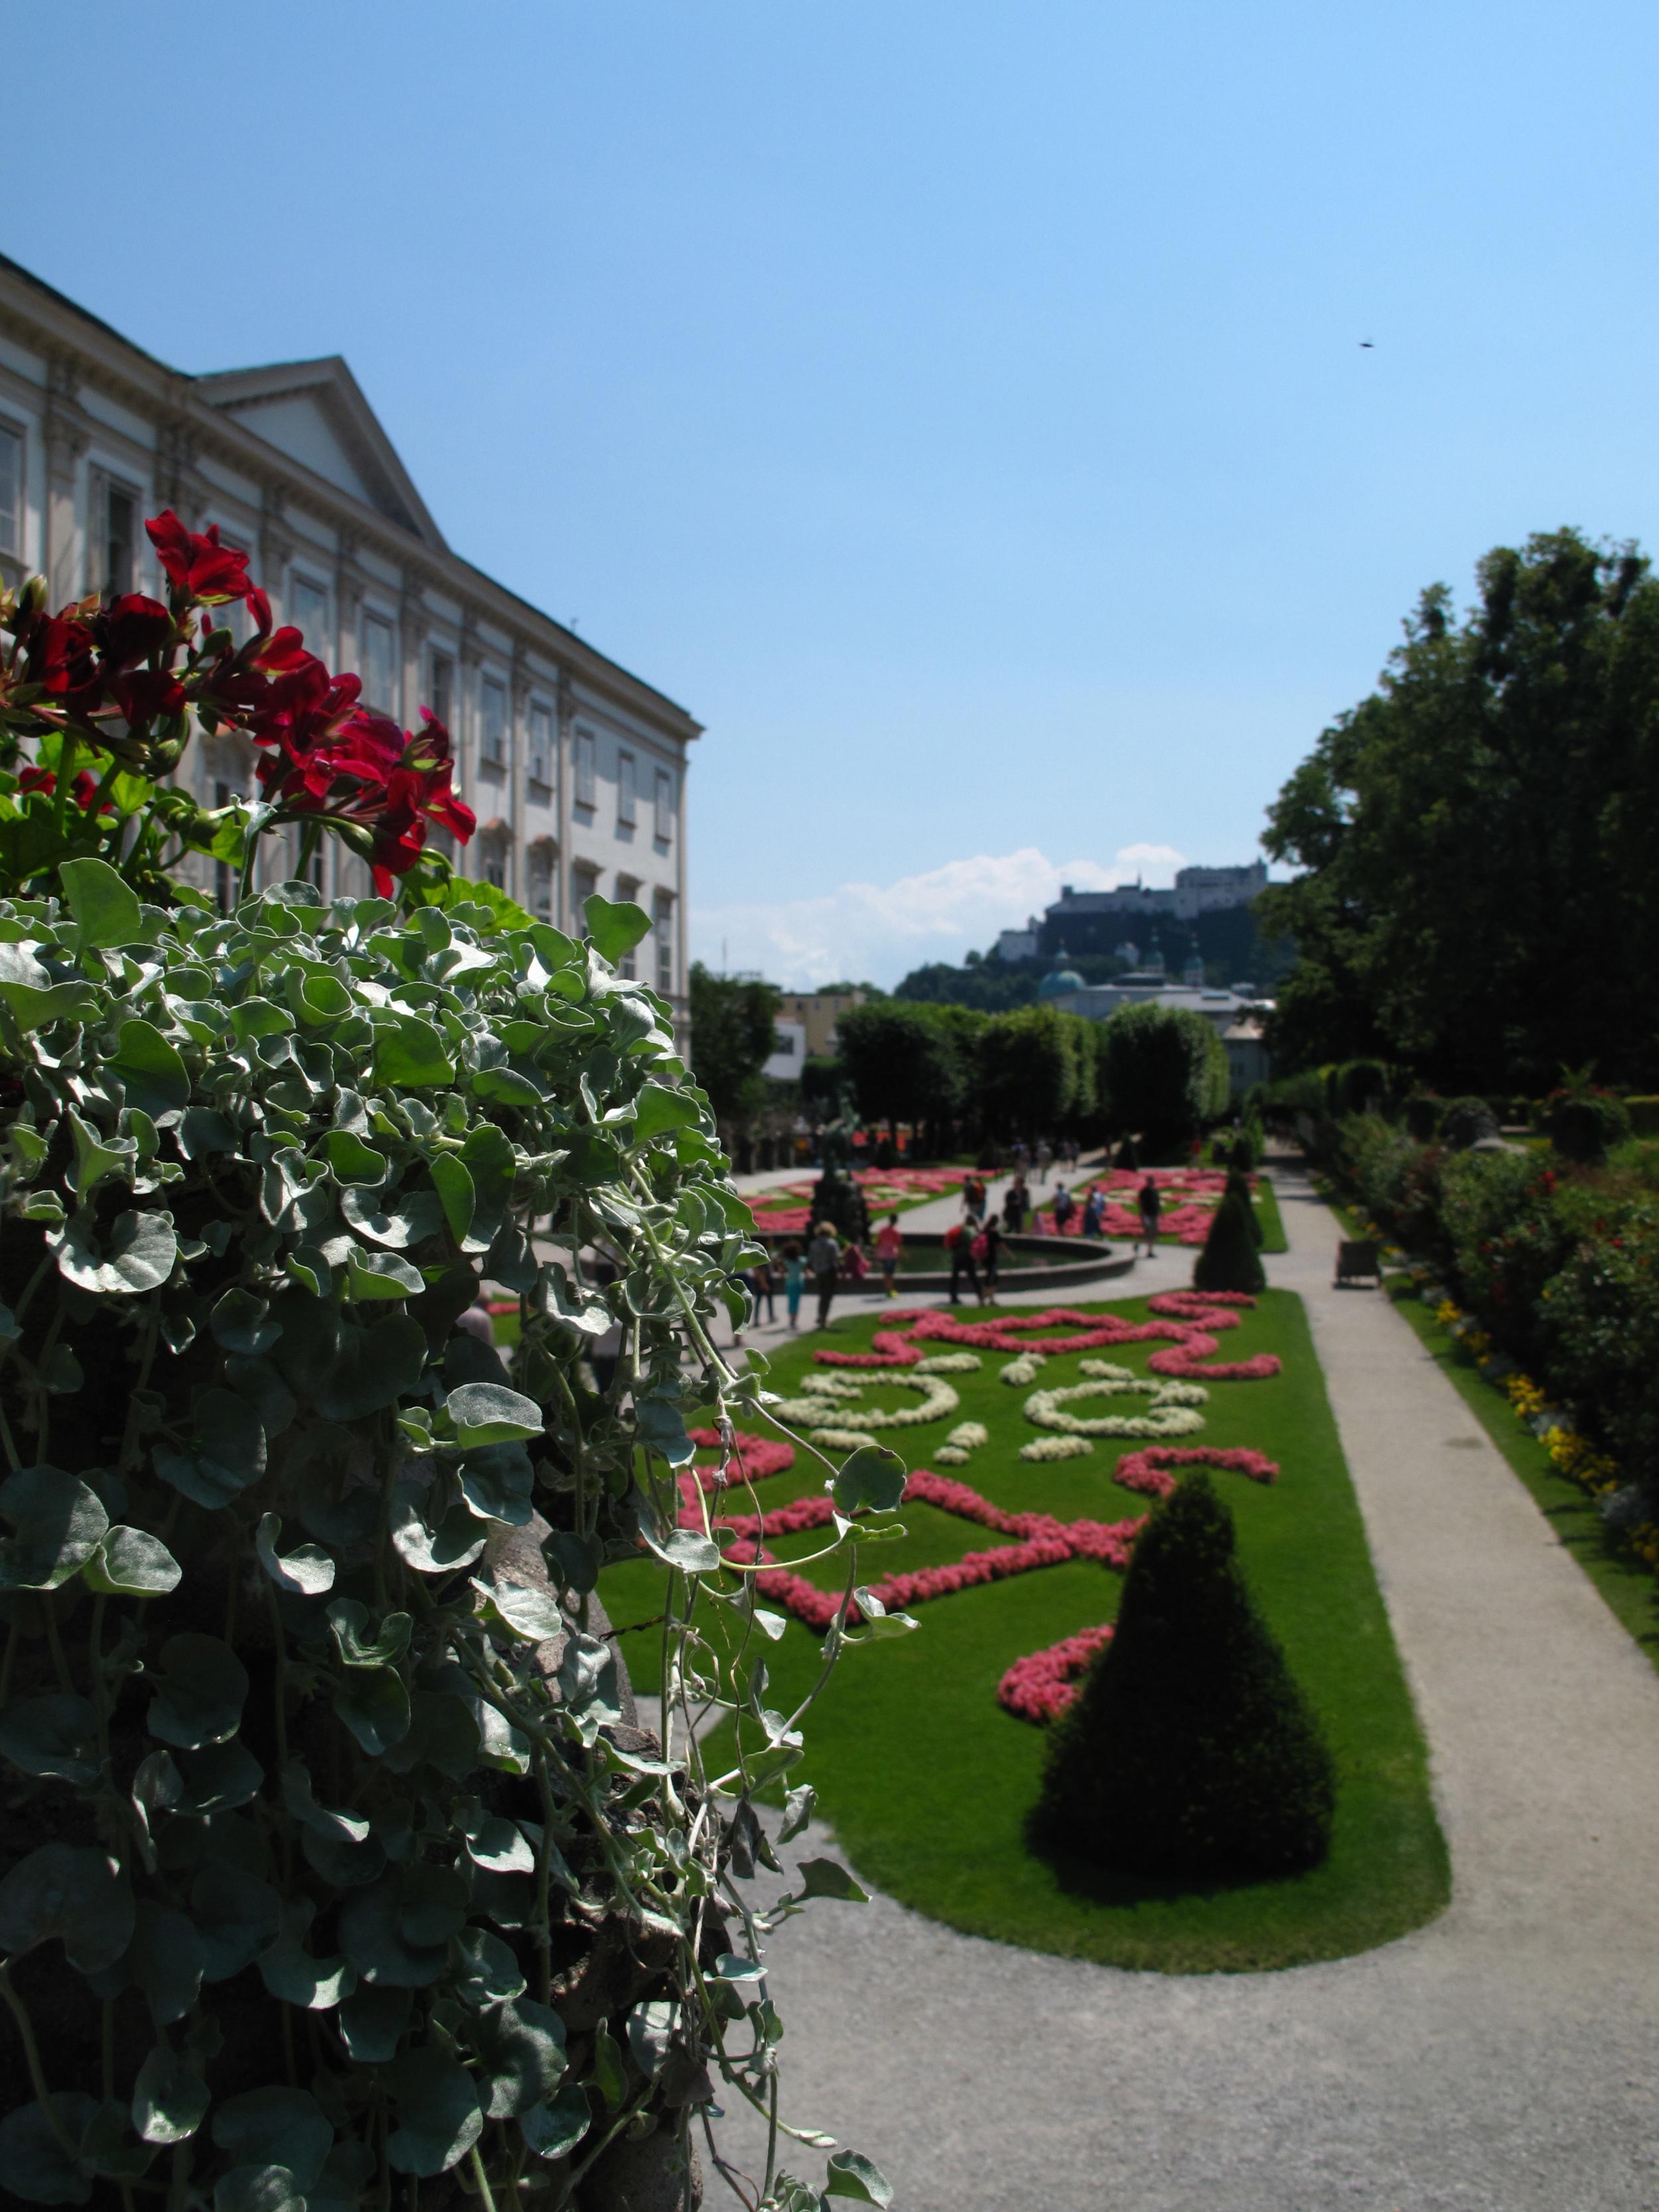 The Do Re Mi garden from the Sound of Music, in Salzburg.